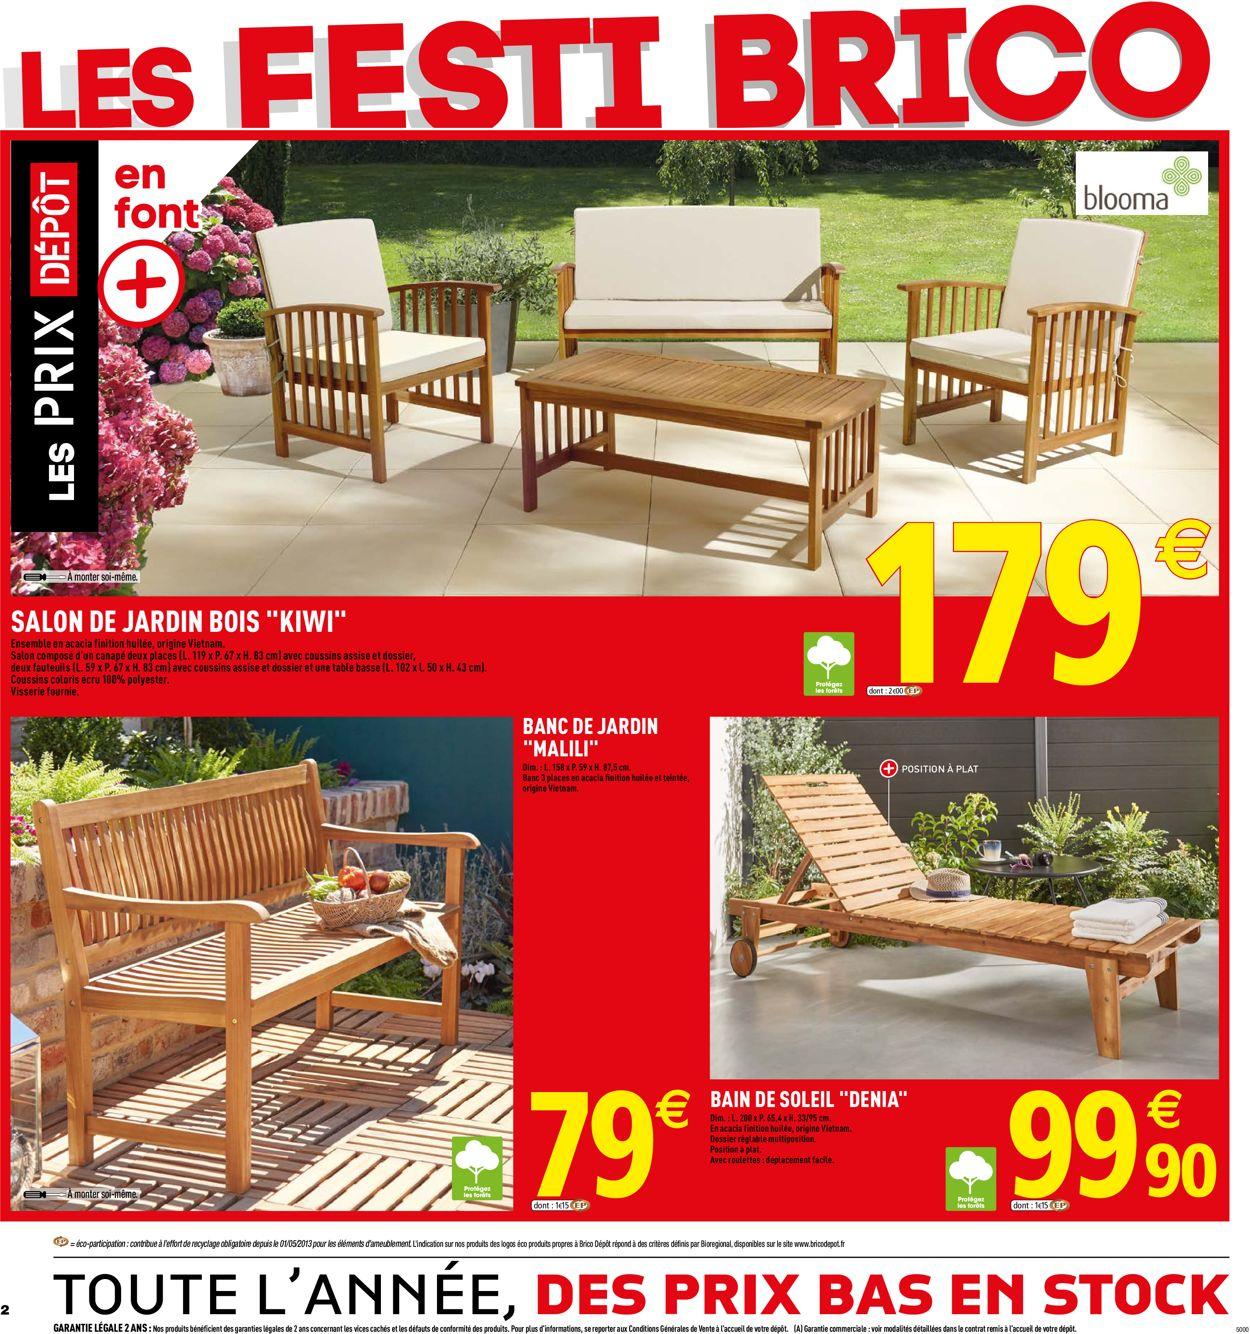 Brico Dépôt Catalogue Actuel 17.05 - 31.05.2019 [2 ... à Brico Depot Salon De Jardin